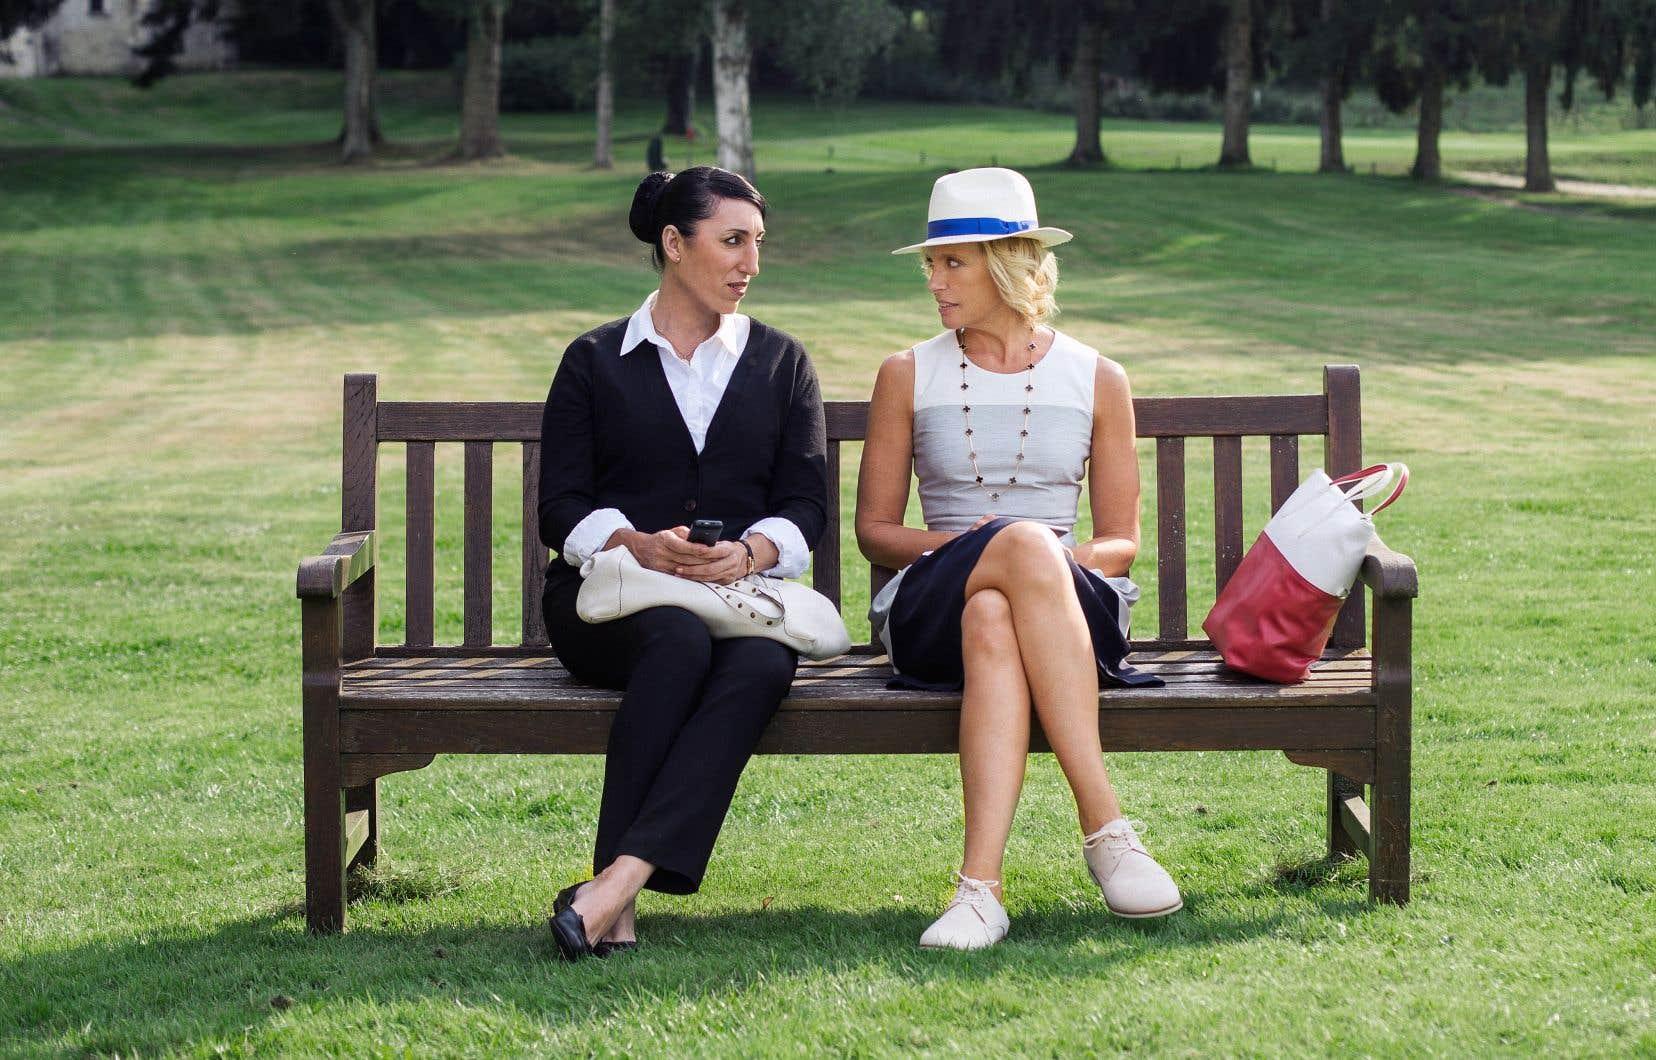 Dans cette comédie, Toni Collette incarne une riche femme au foyer qui forcera la domestique jouée par Rossy de Palma à jouer une femme du monde pour peupler sa table à un dîner mondain.